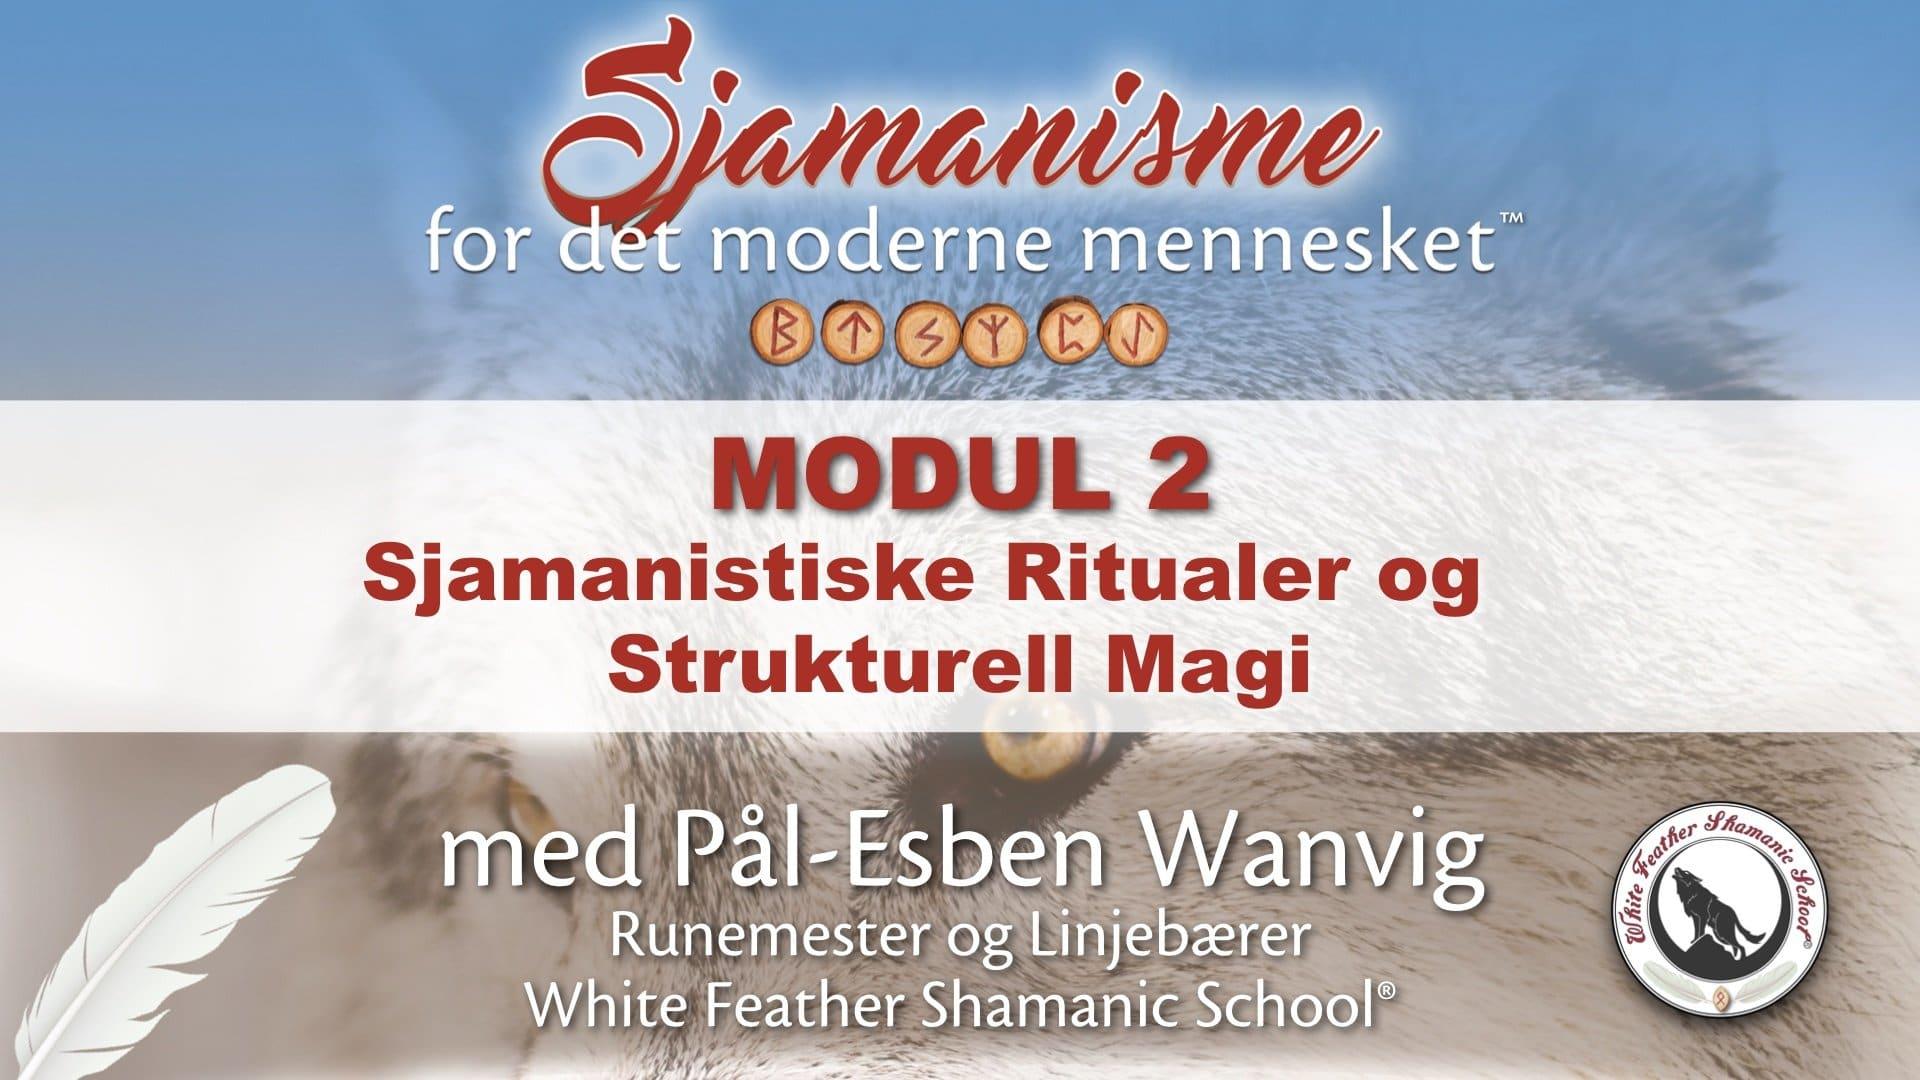 https://www.wanvig.no/ritualmagi-og-strukturell-magi-med-runer/